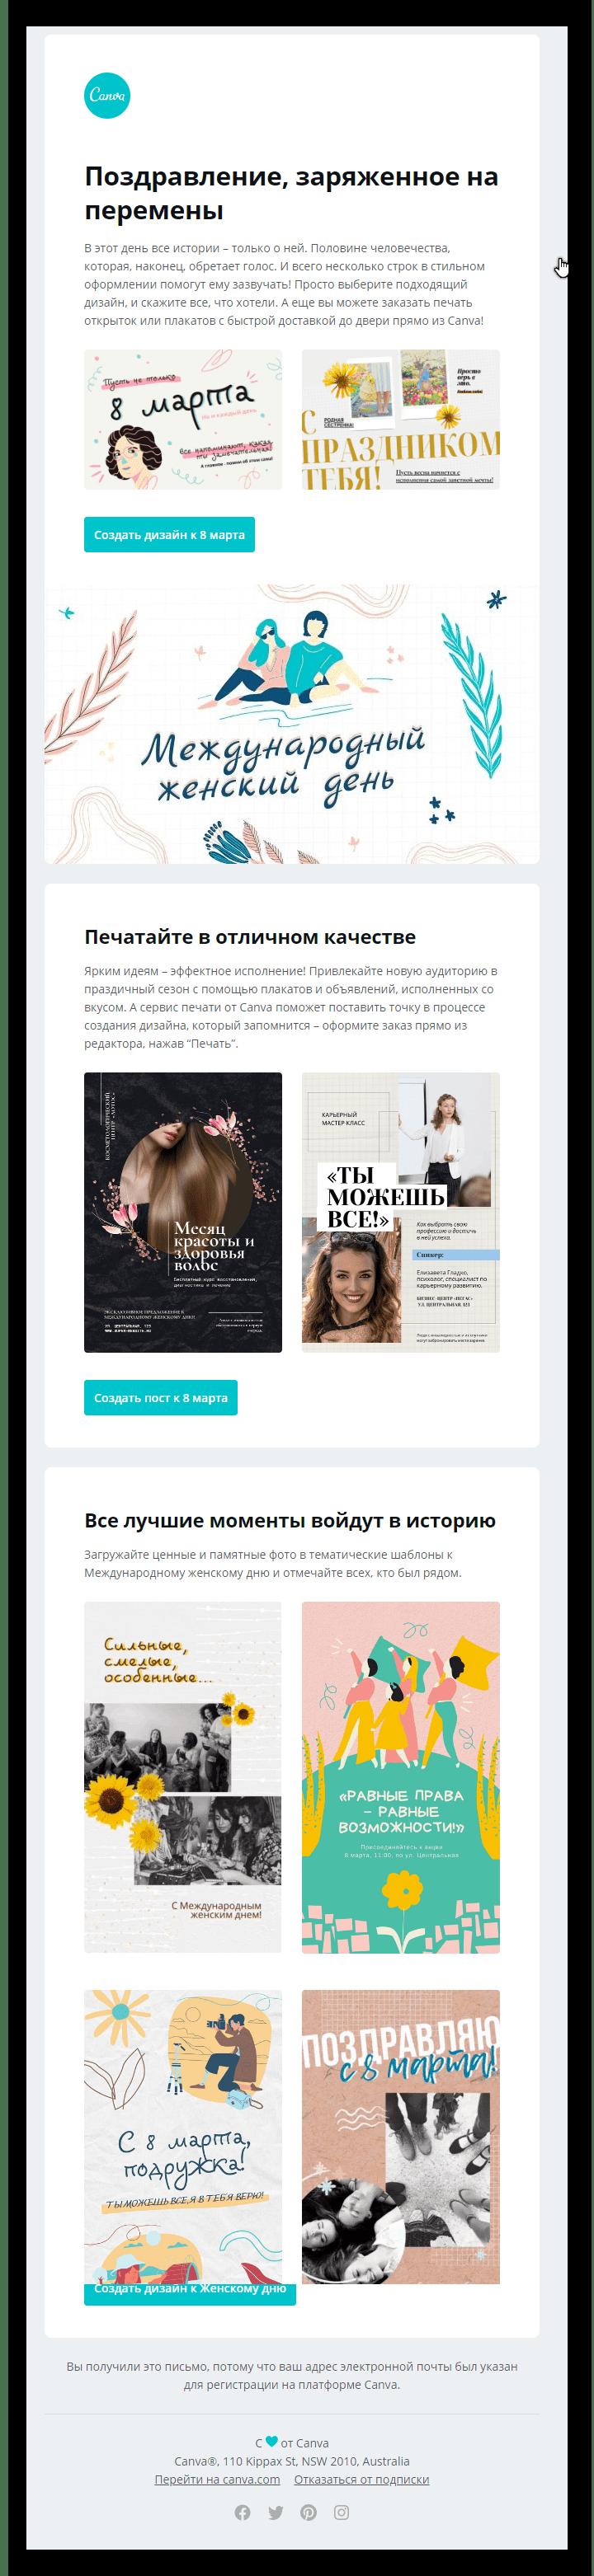 Рассылка только для российского рынка. Текст написан с нуля, не переведён